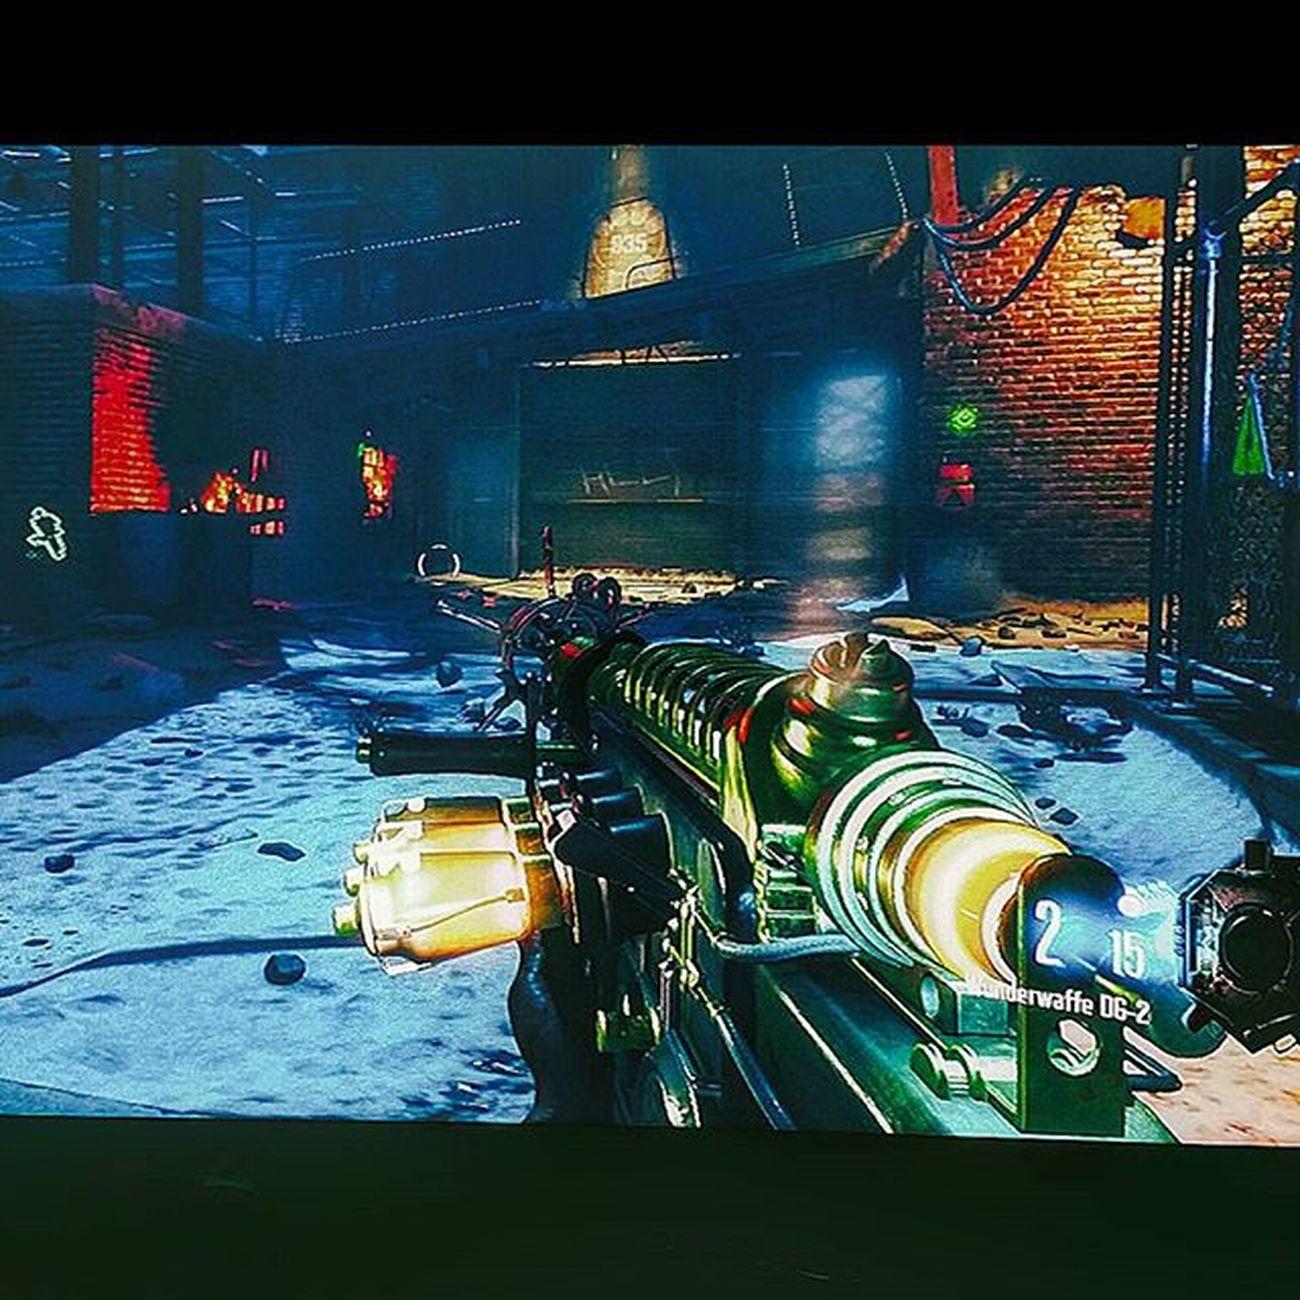 Zombie killa right here 😈 CallOfDuty Blackops3 Zombies  Packapunched Raygun Killzombies XboxOne Videogames Instakill